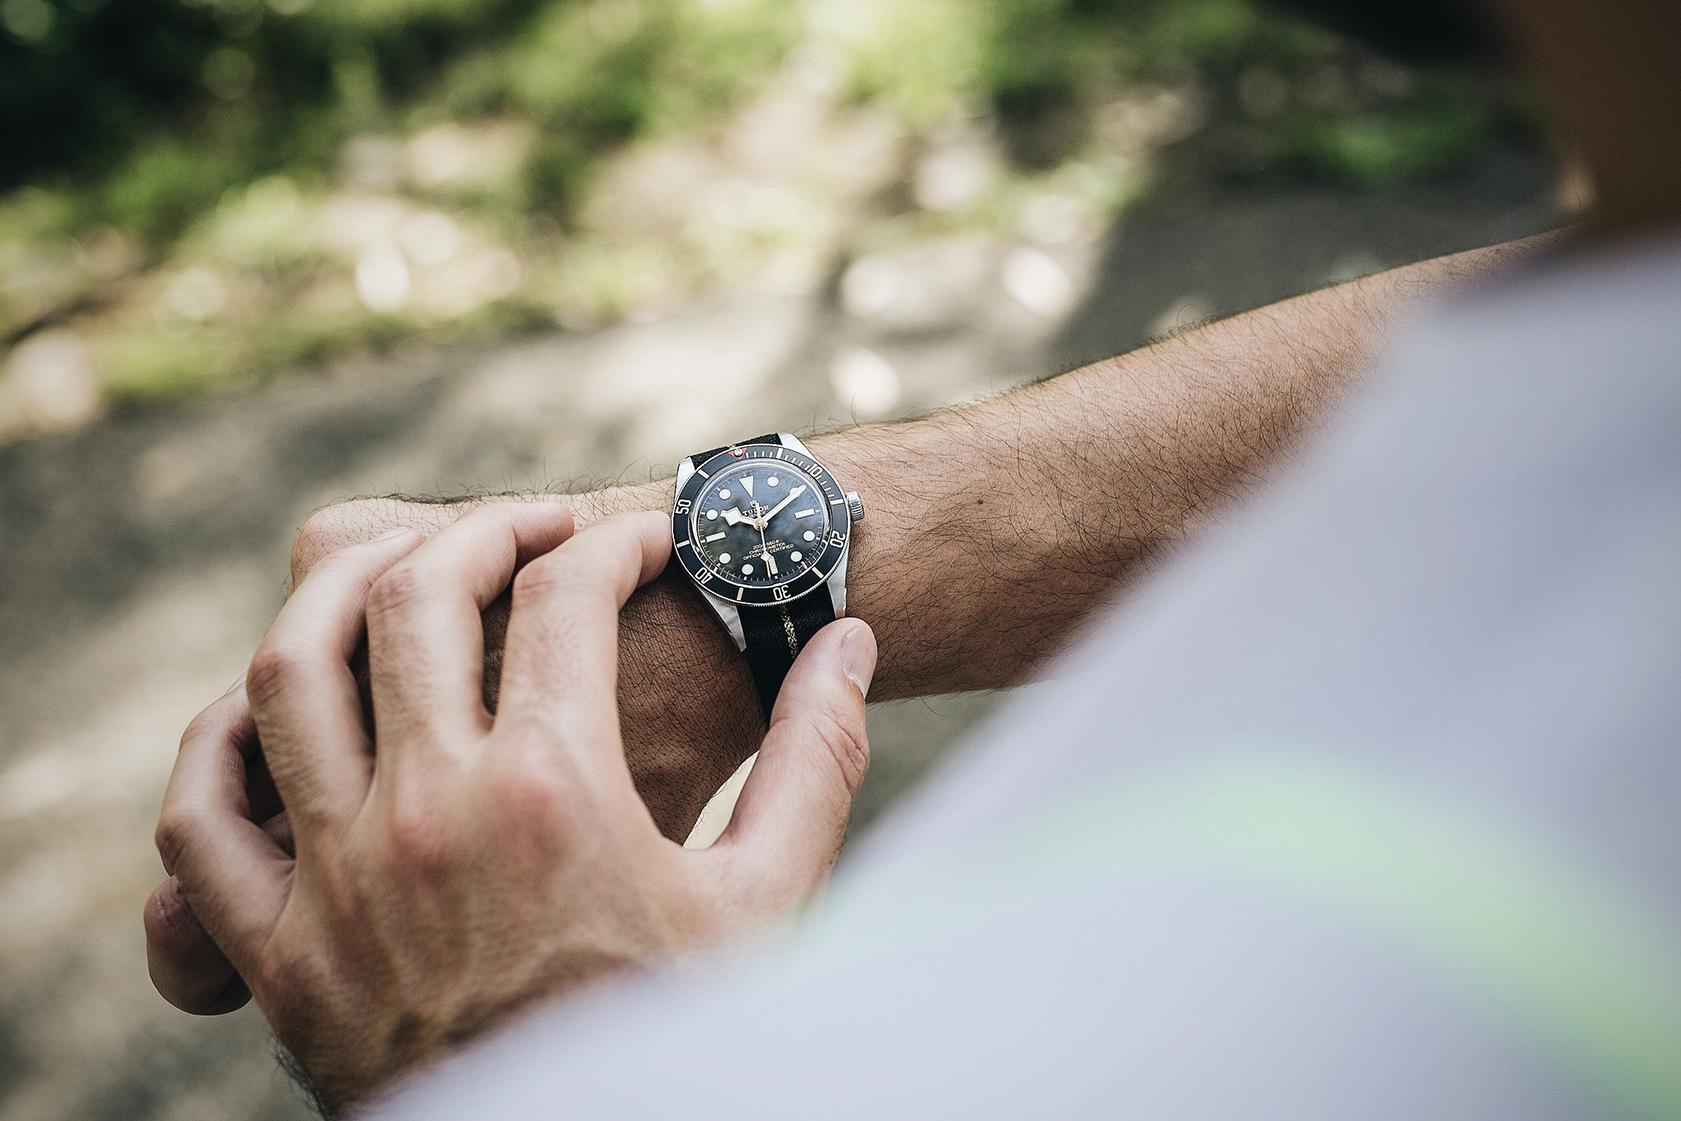 relógio apropriado para cada ocasião